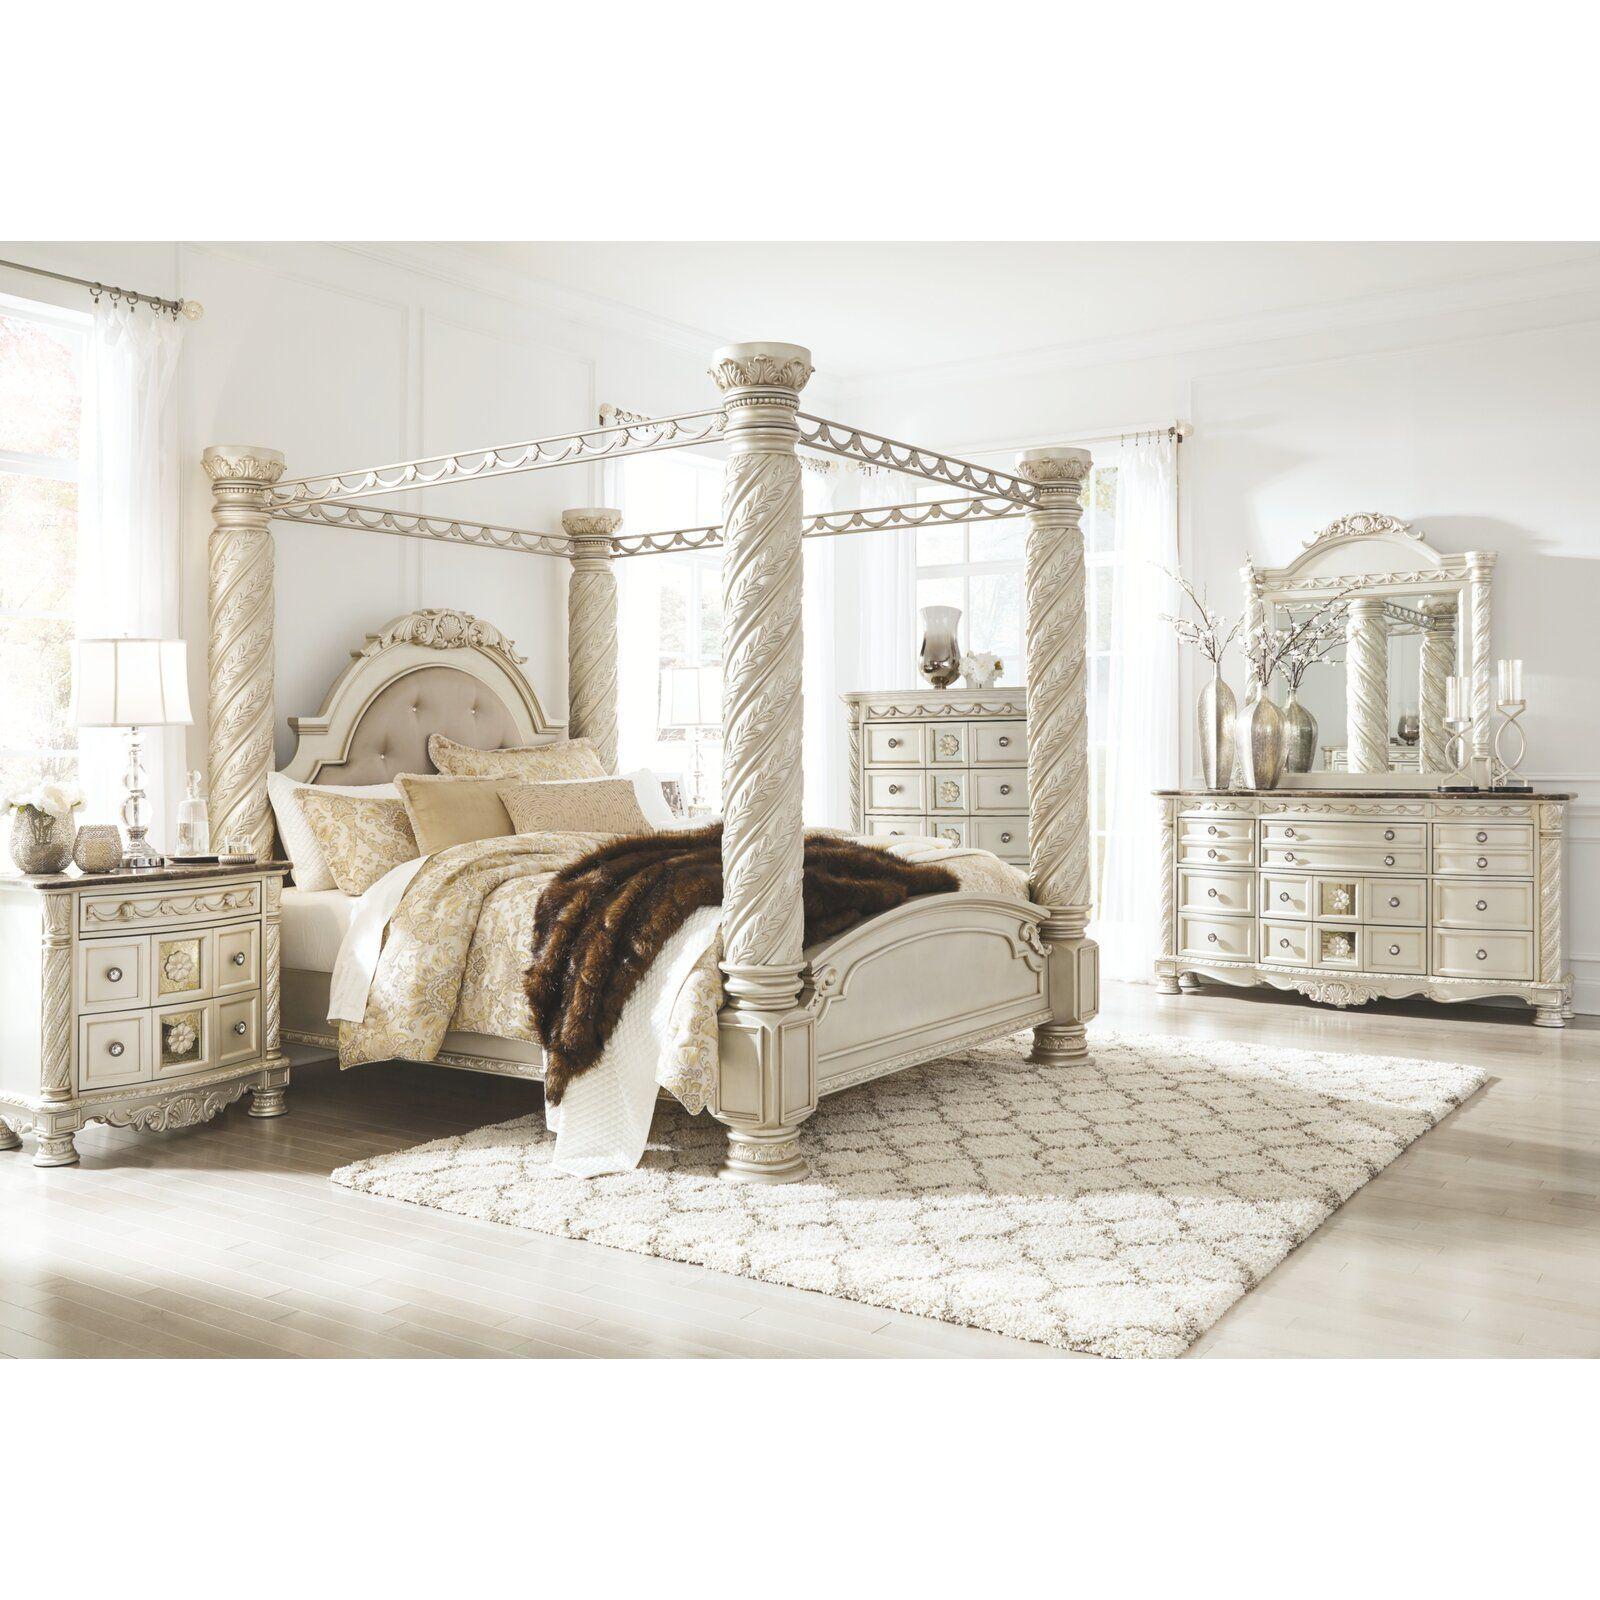 Cassimore Canopy Bedroom Set Signature Design 3 Reviews: Astoria Grand Petry 9 Drawer Double Dresser